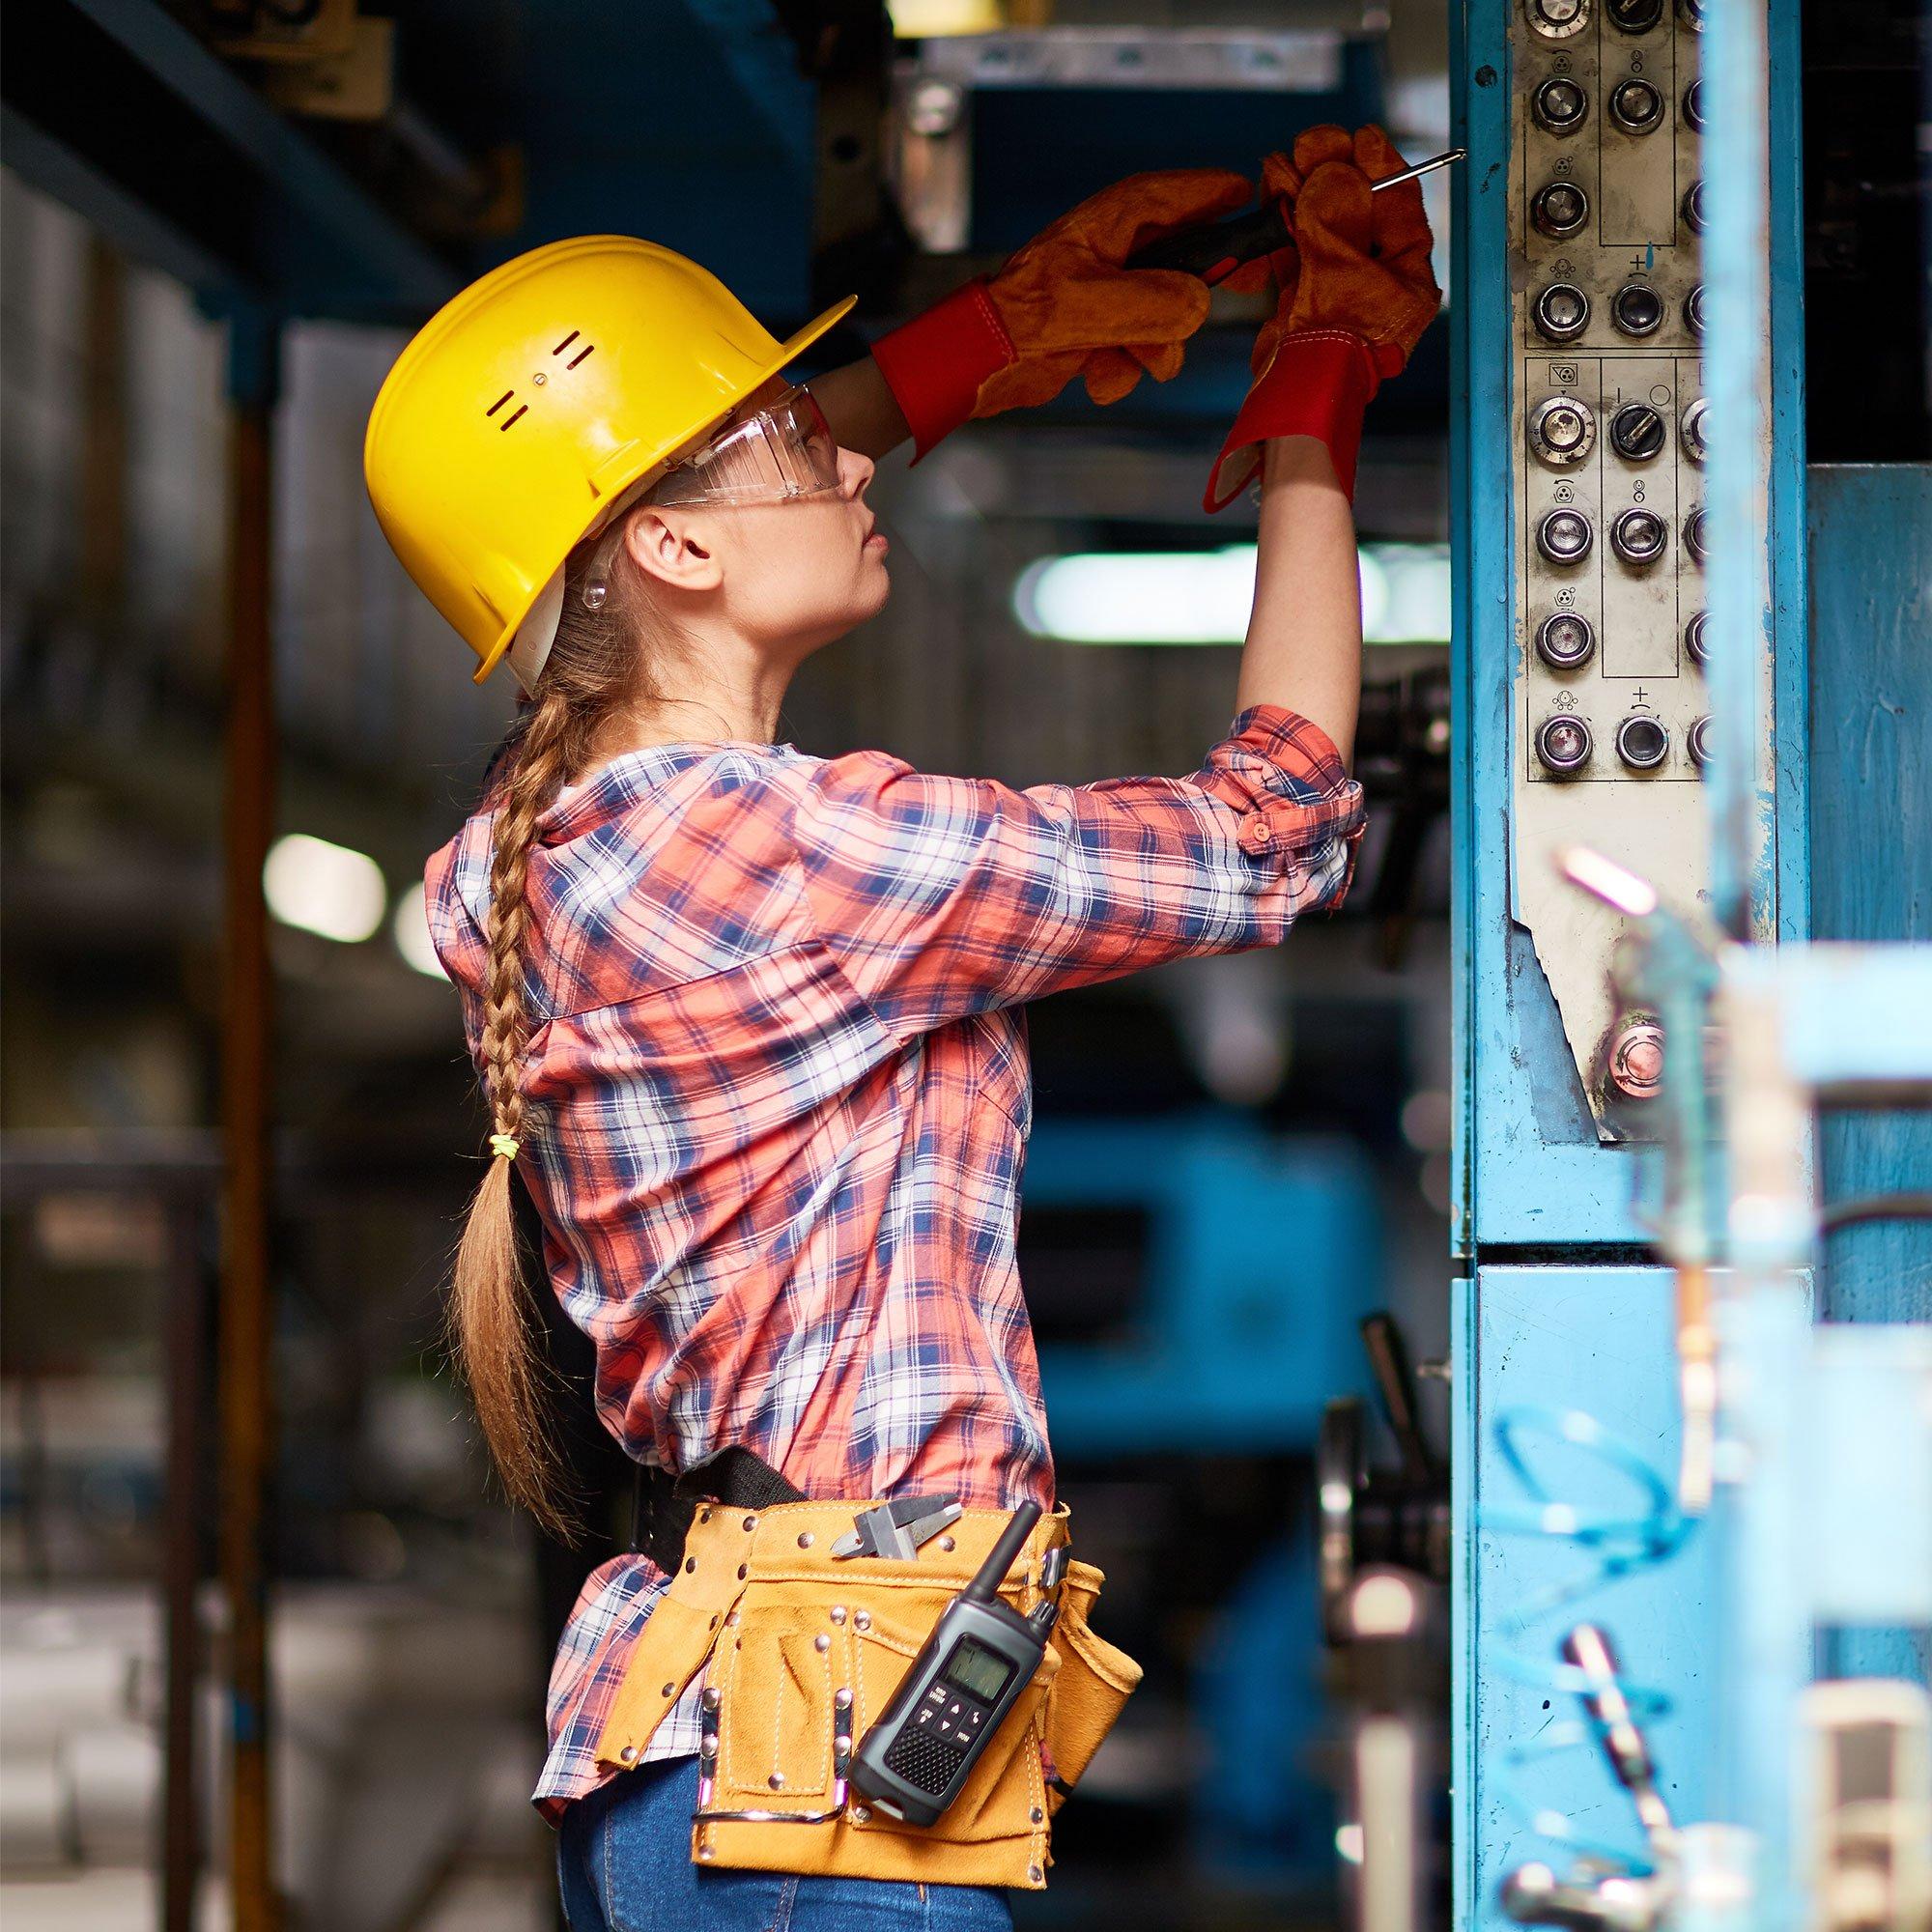 technicien-en-electromenager-electromecanique-04